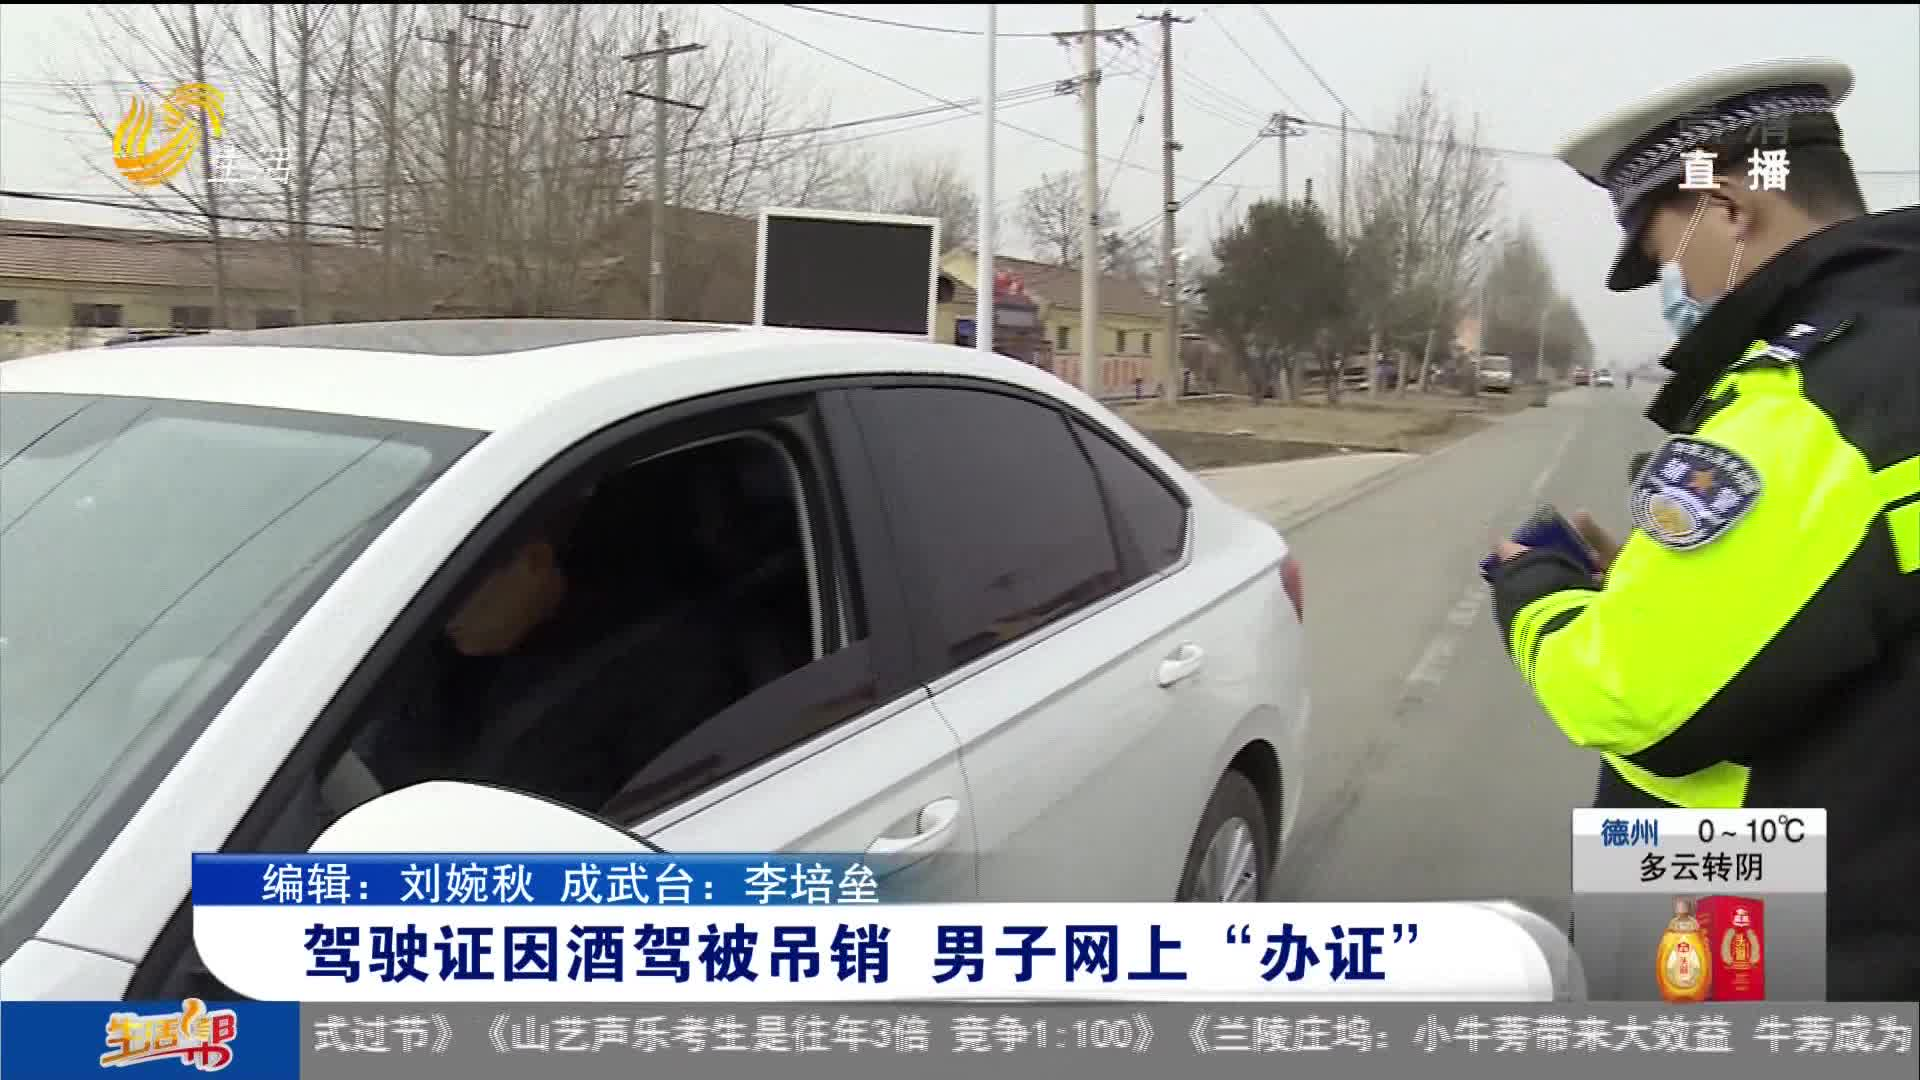 """驾驶证因酒驾被吊销 男子网上""""办证"""""""